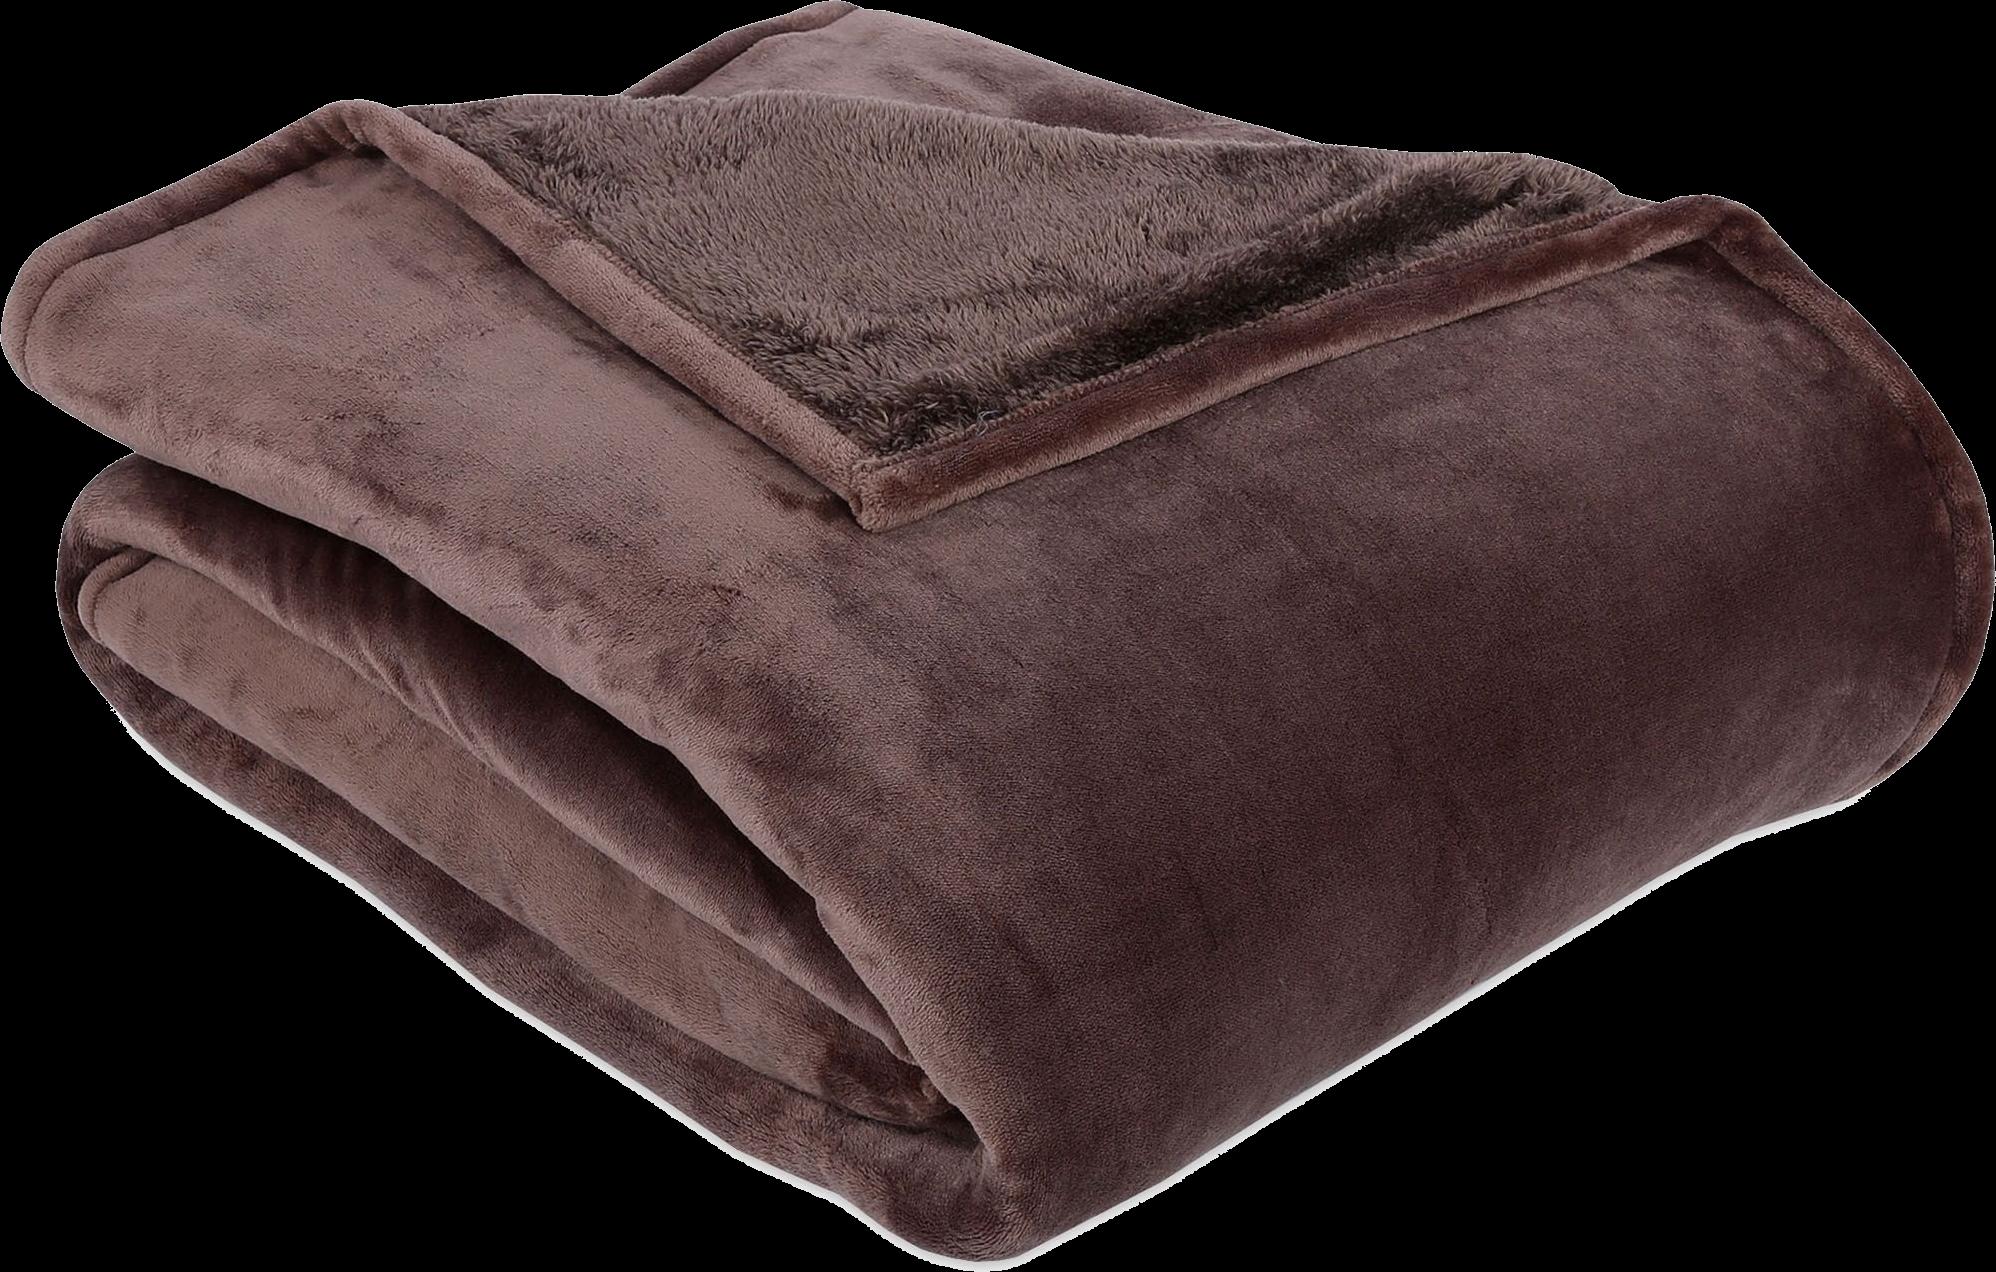 Soft Blanket Transparent Image